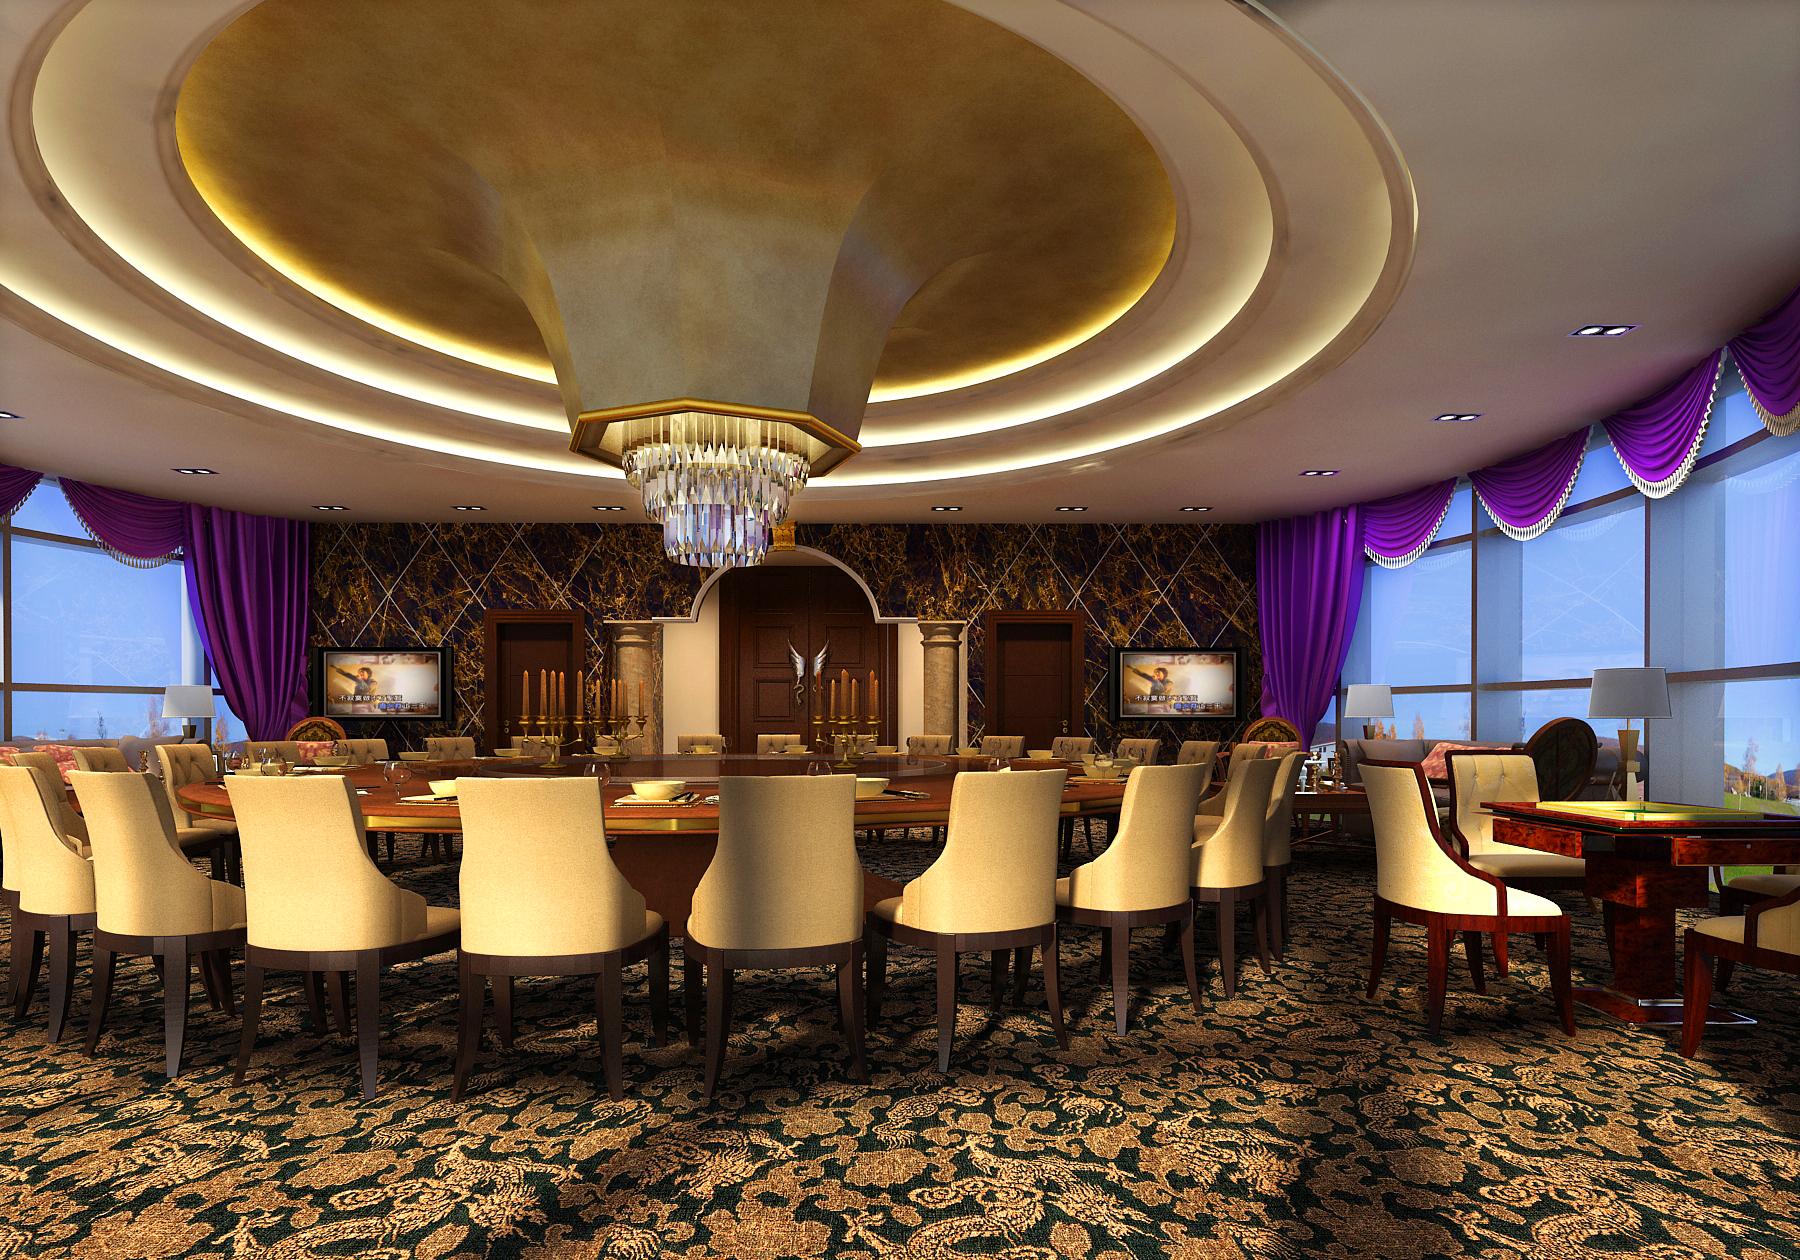 供应贵阳欧式风格酒楼装修与设计公司 贵阳的装修公司之一 贵阳品牌